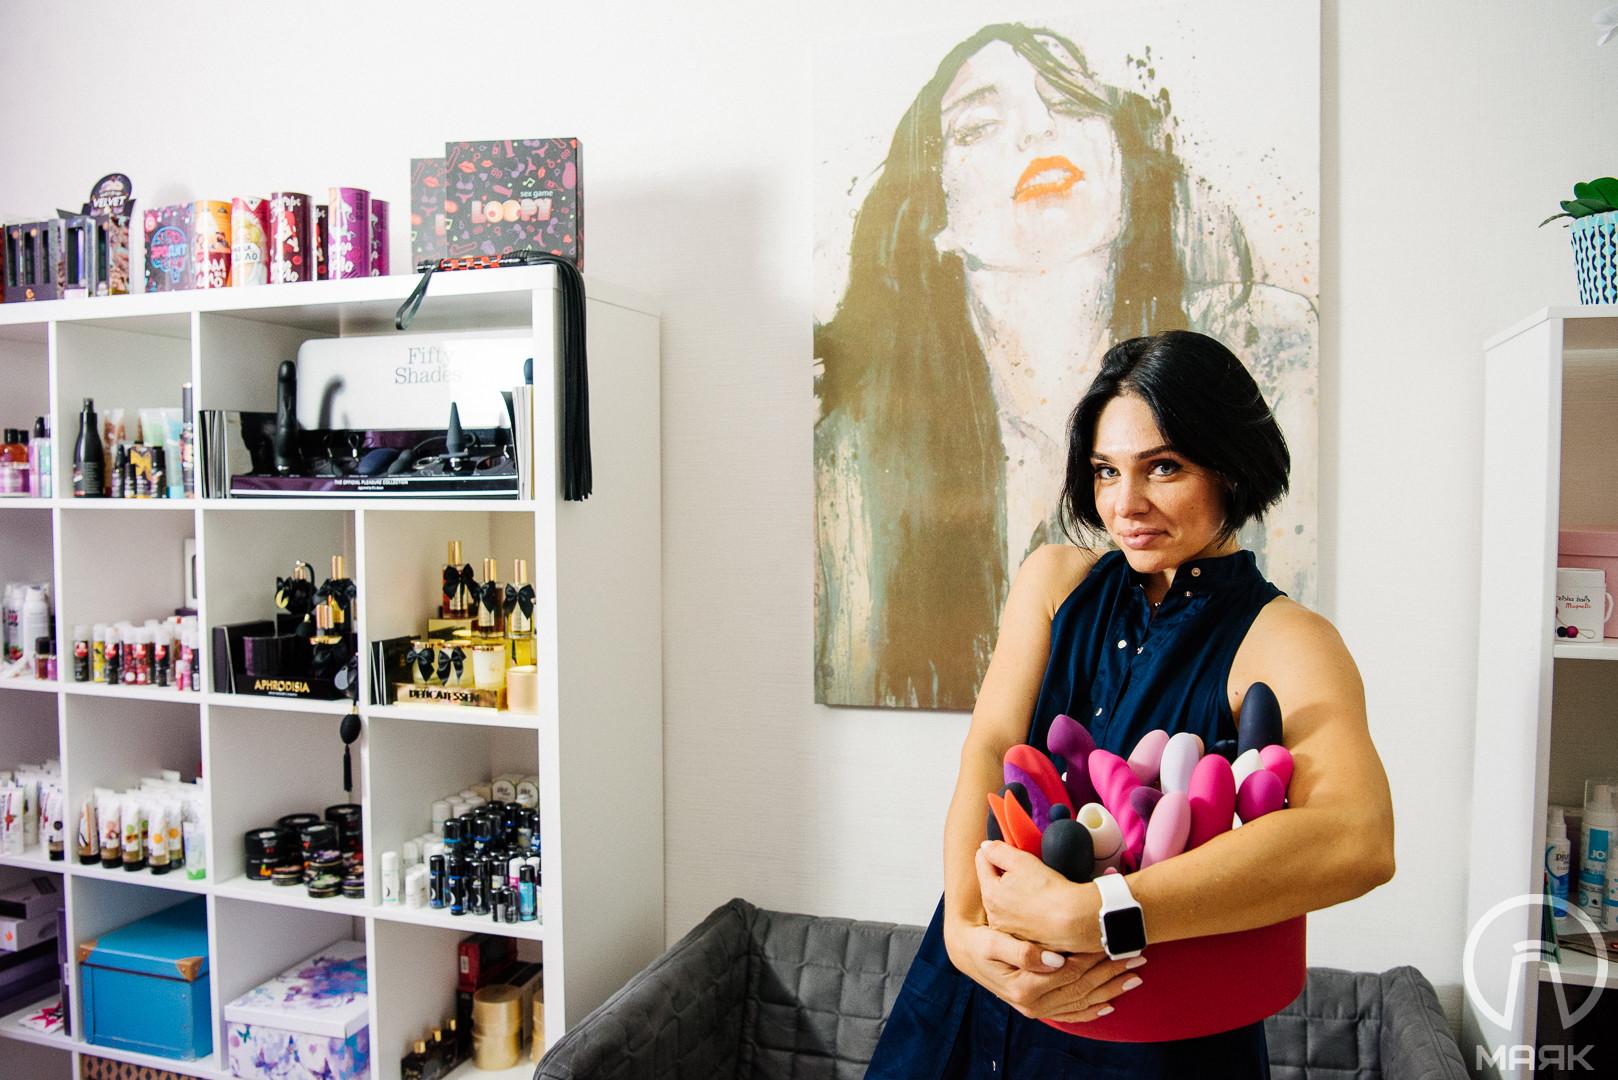 """""""Я пишу отзывы на вибраторы"""", — хозяйка онлайн-магазина для взрослых рассказывает о своей работе"""